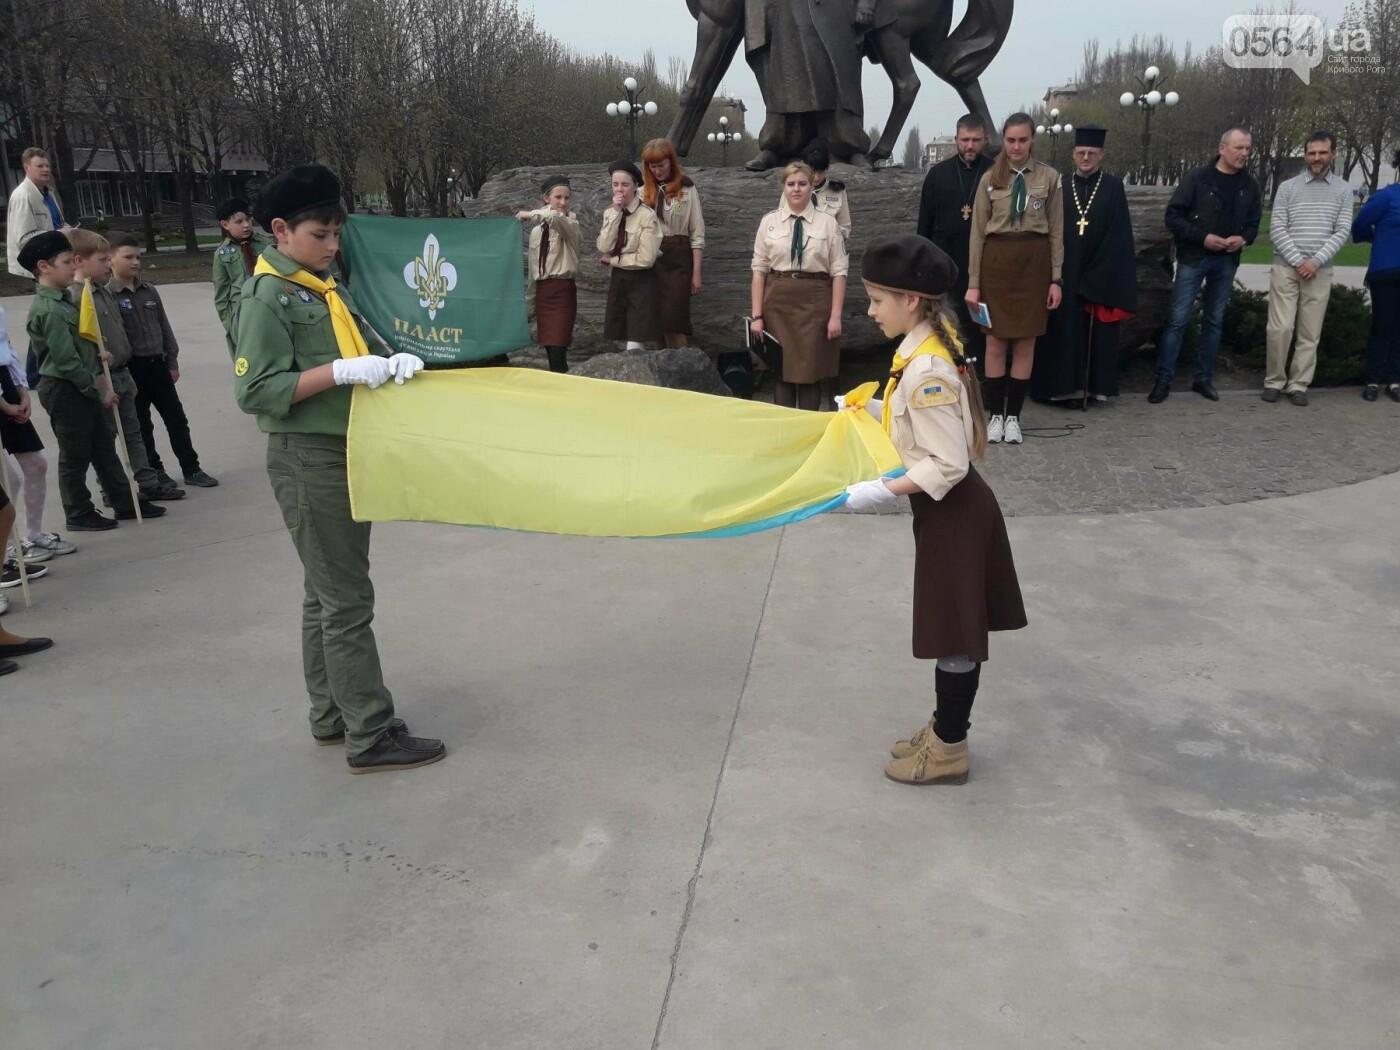 Криворожские пластуны отметили 106-ю годовщину со Дня присяги Богу и Украине (ФОТО), фото-2